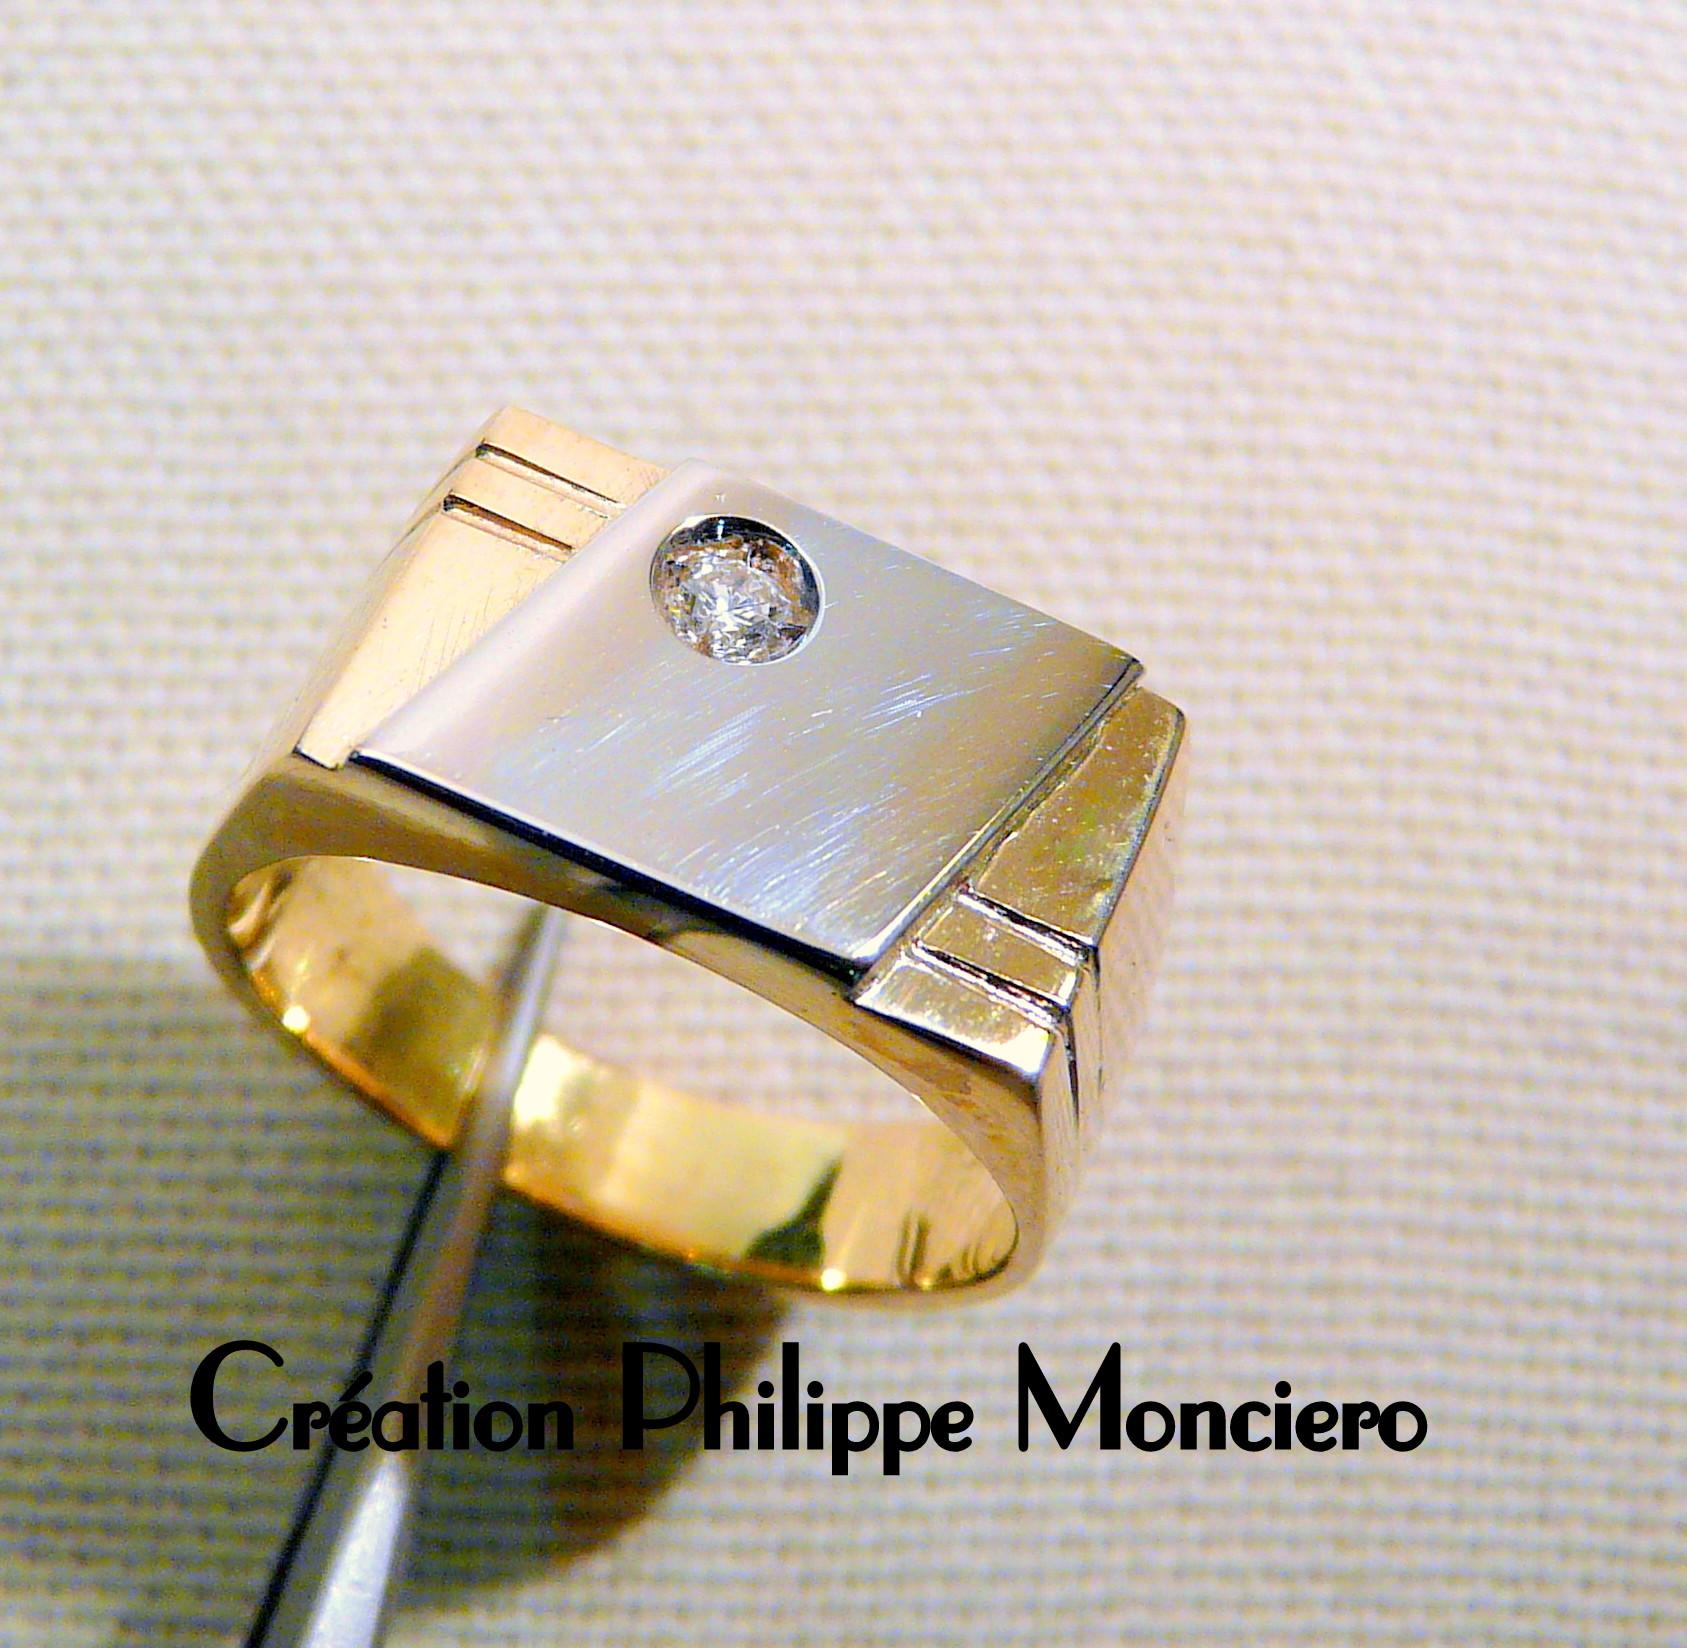 Chevalière bicolore et diamant. Monciero - Nîmes